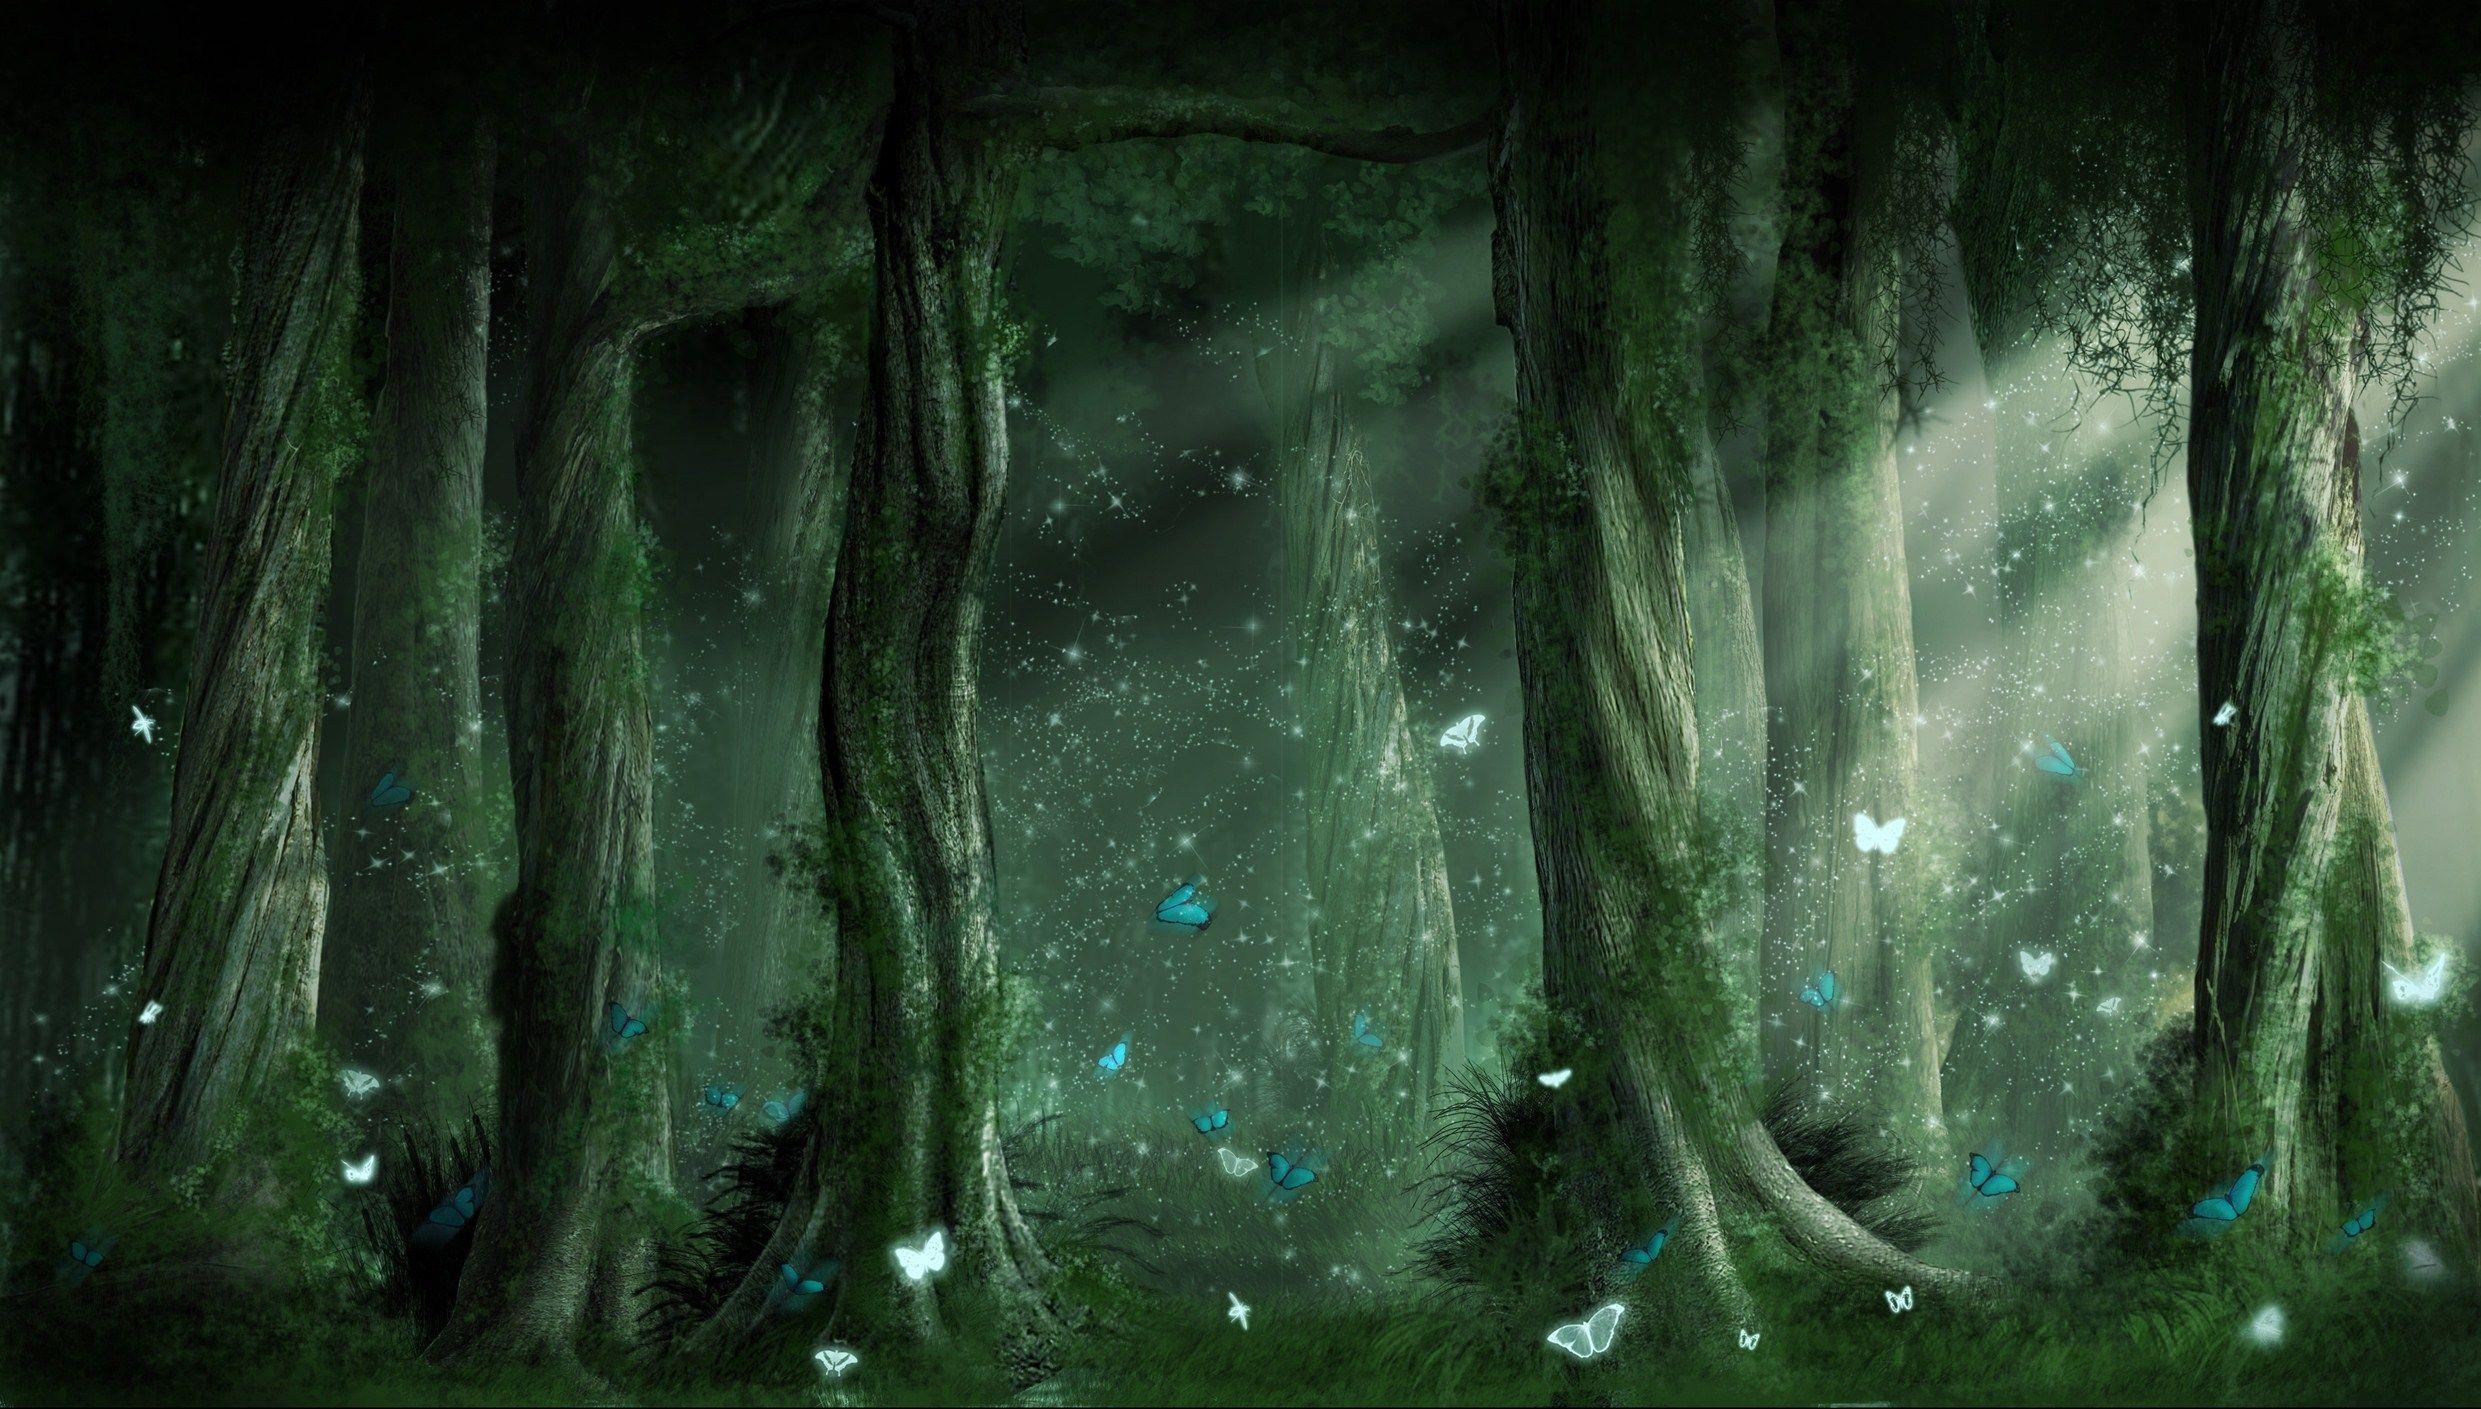 hd fantasy forest wallpaper 24650 hd wallpapers   random stuff in